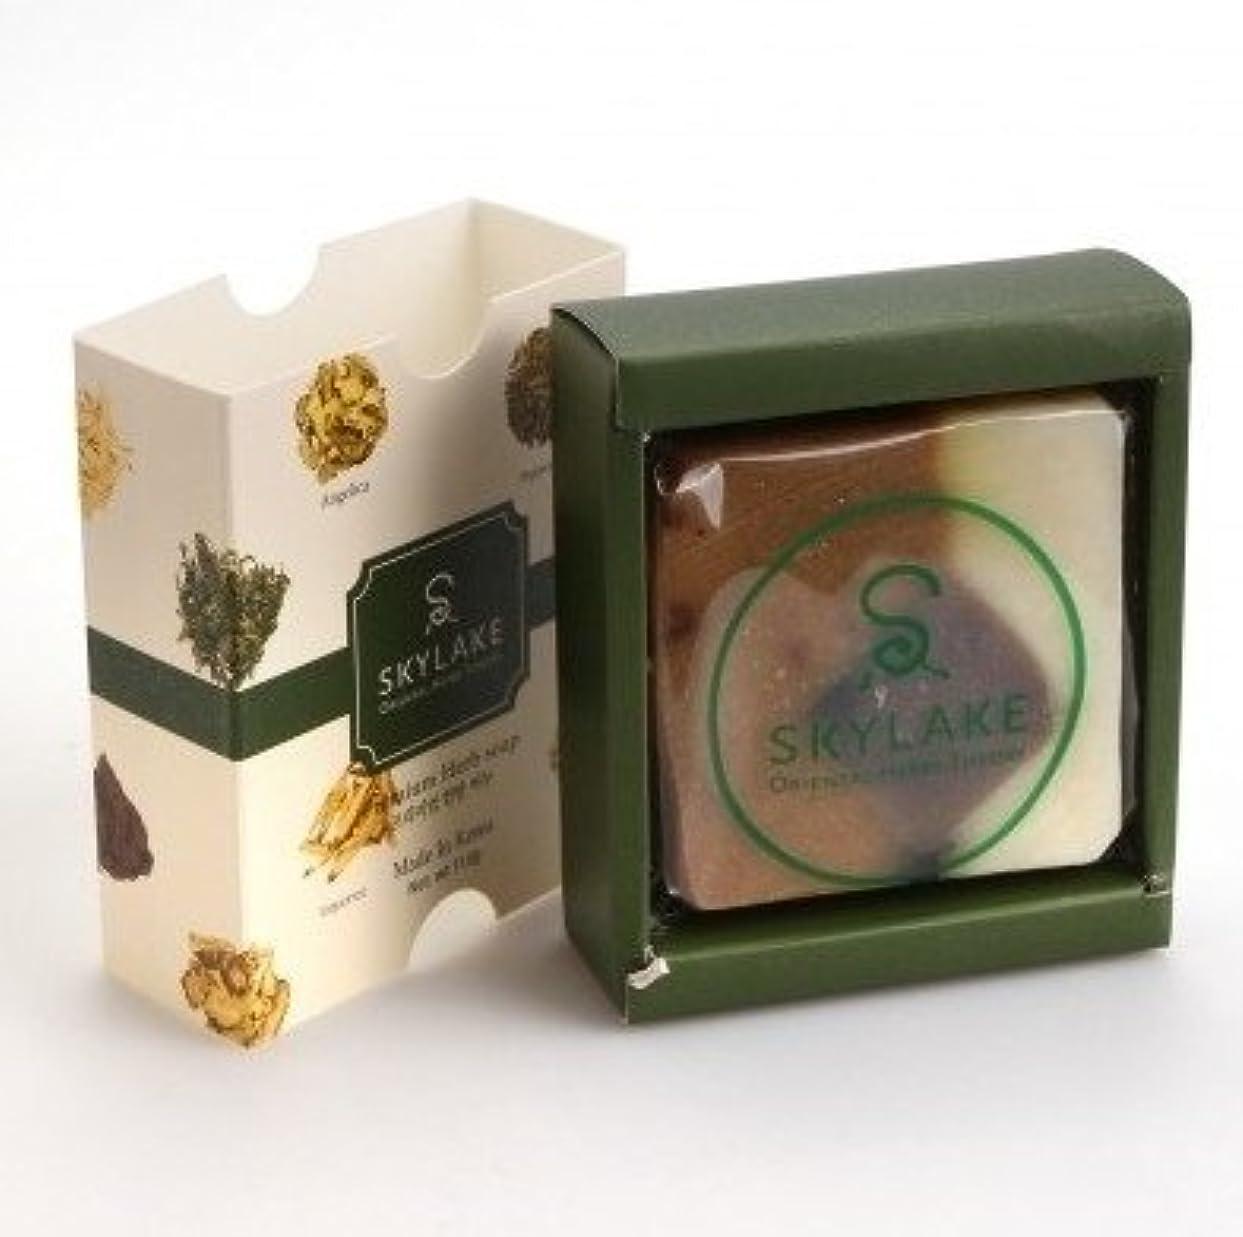 重要な役割を果たす、中心的な手段となるブラウス赤外線[1+1]ハヌルホス[Skylake] 漢方アロマ石鹸Oriental Herbs Theory Soap (プレミアム手作り漢方)